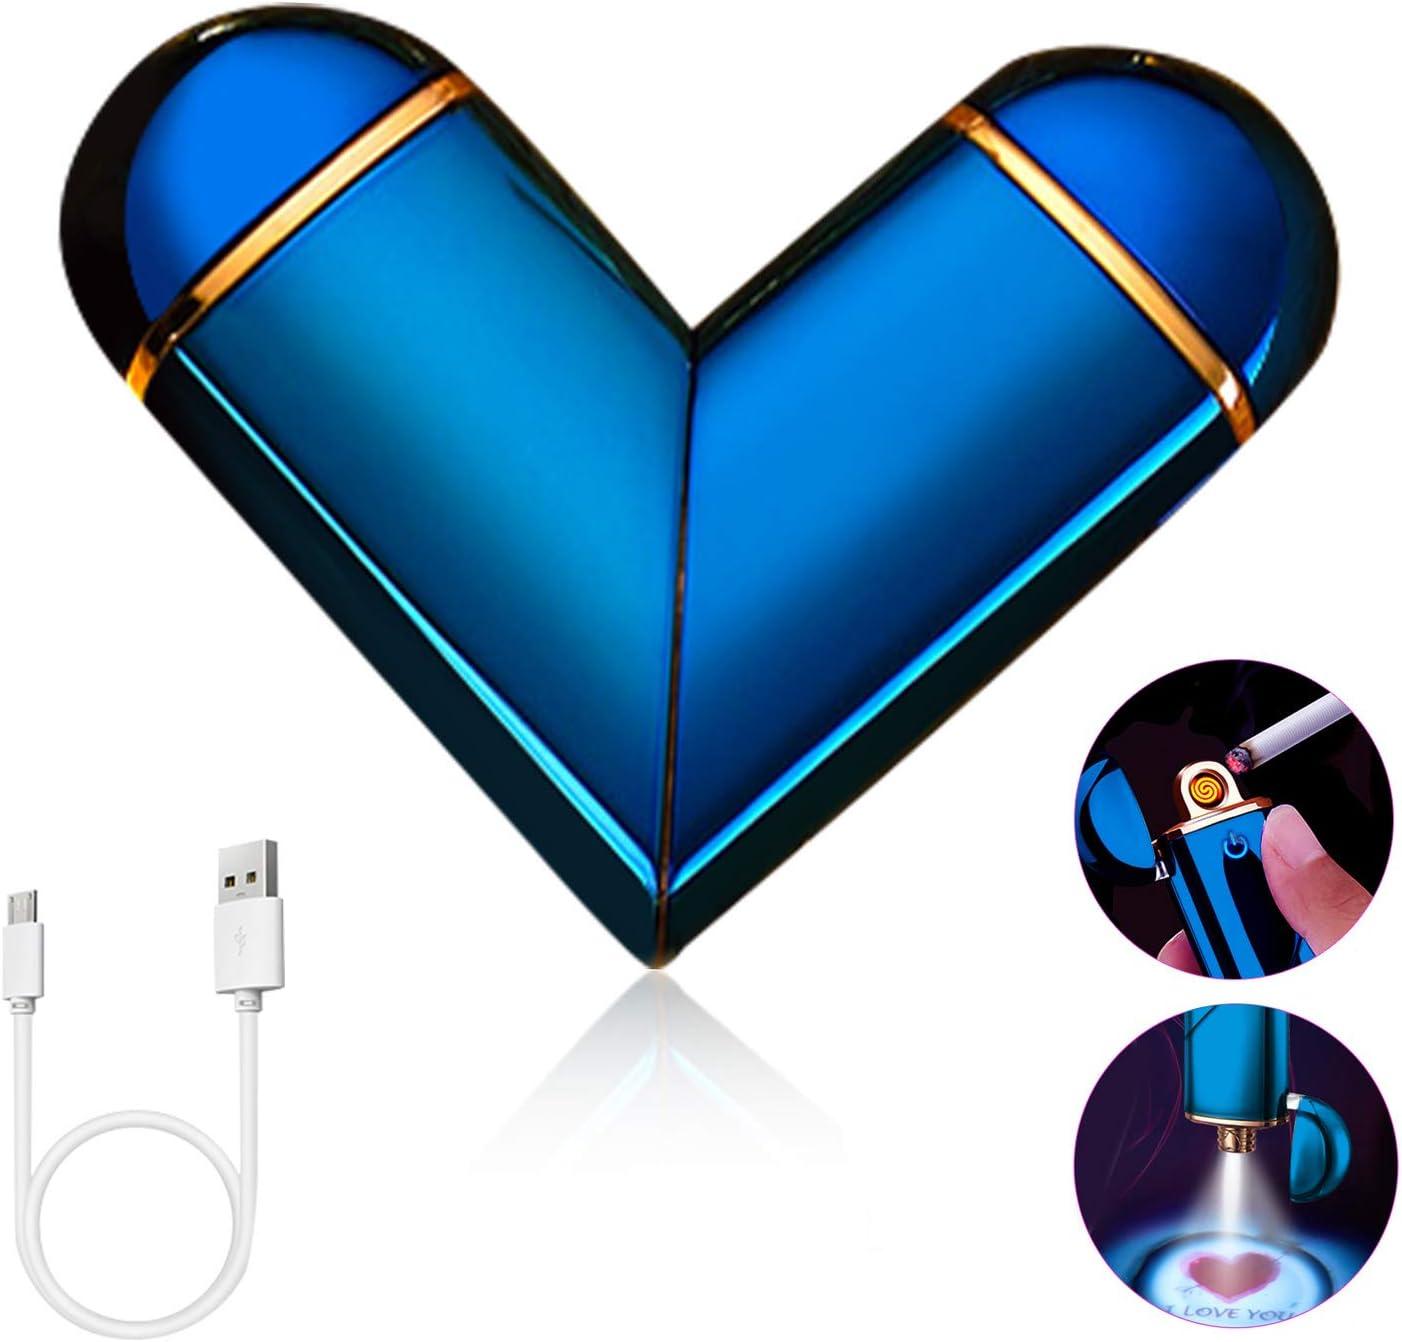 accendino elettronico Airless colorato Usb accendino ricaricabile Chutoral Accendino USB ricaricabile senza fiamma